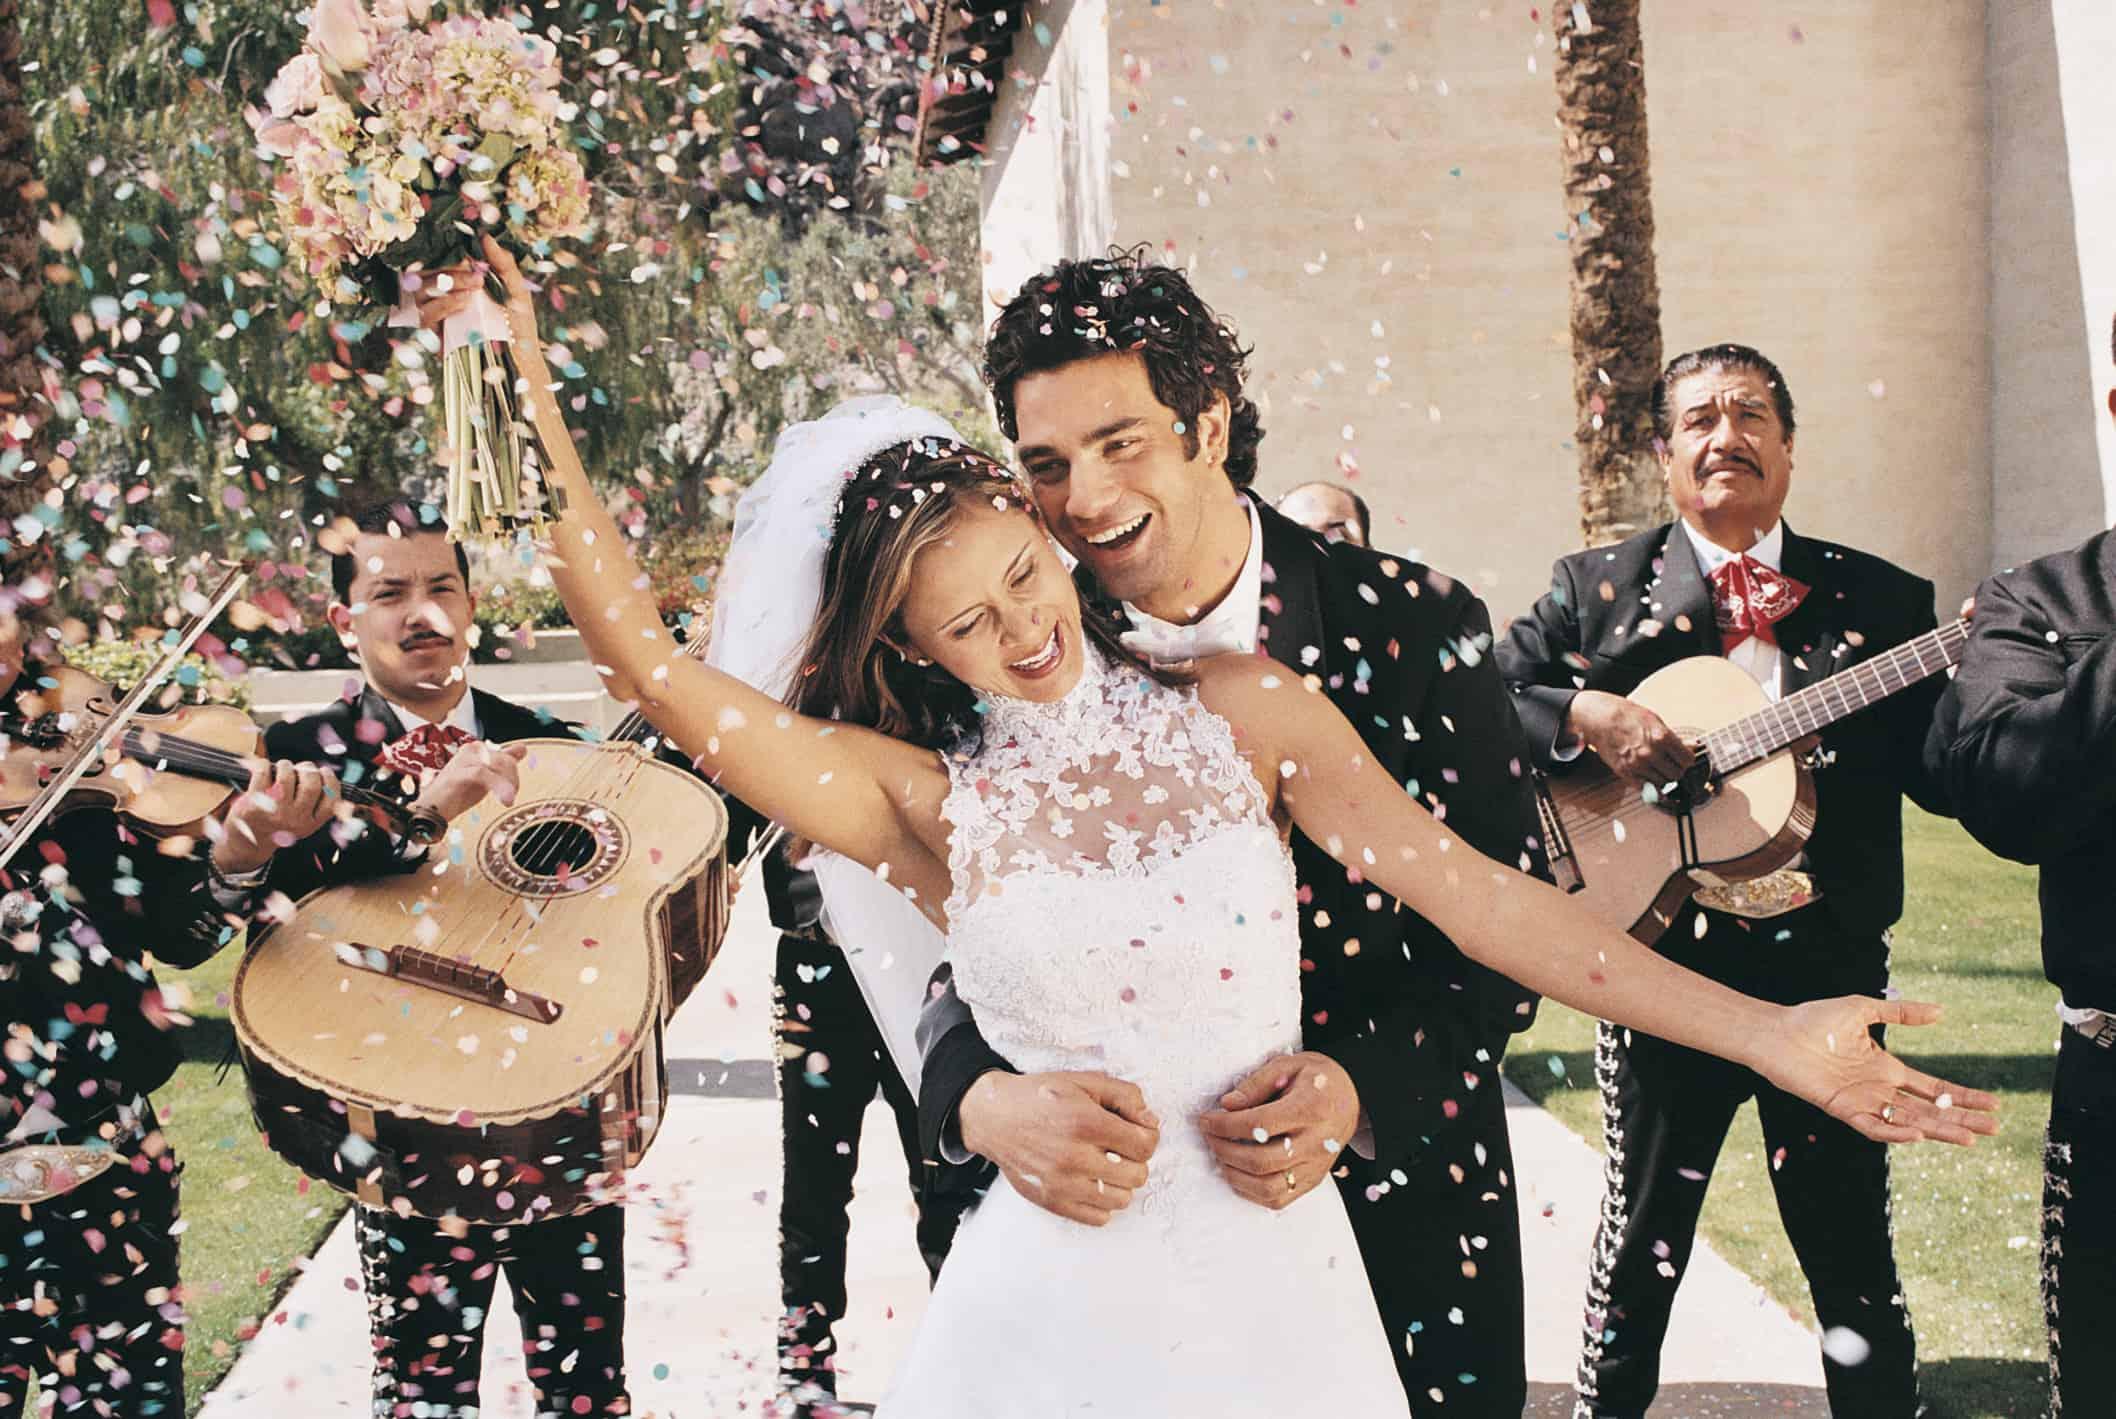 اغاني اعراس أثناء الحفل